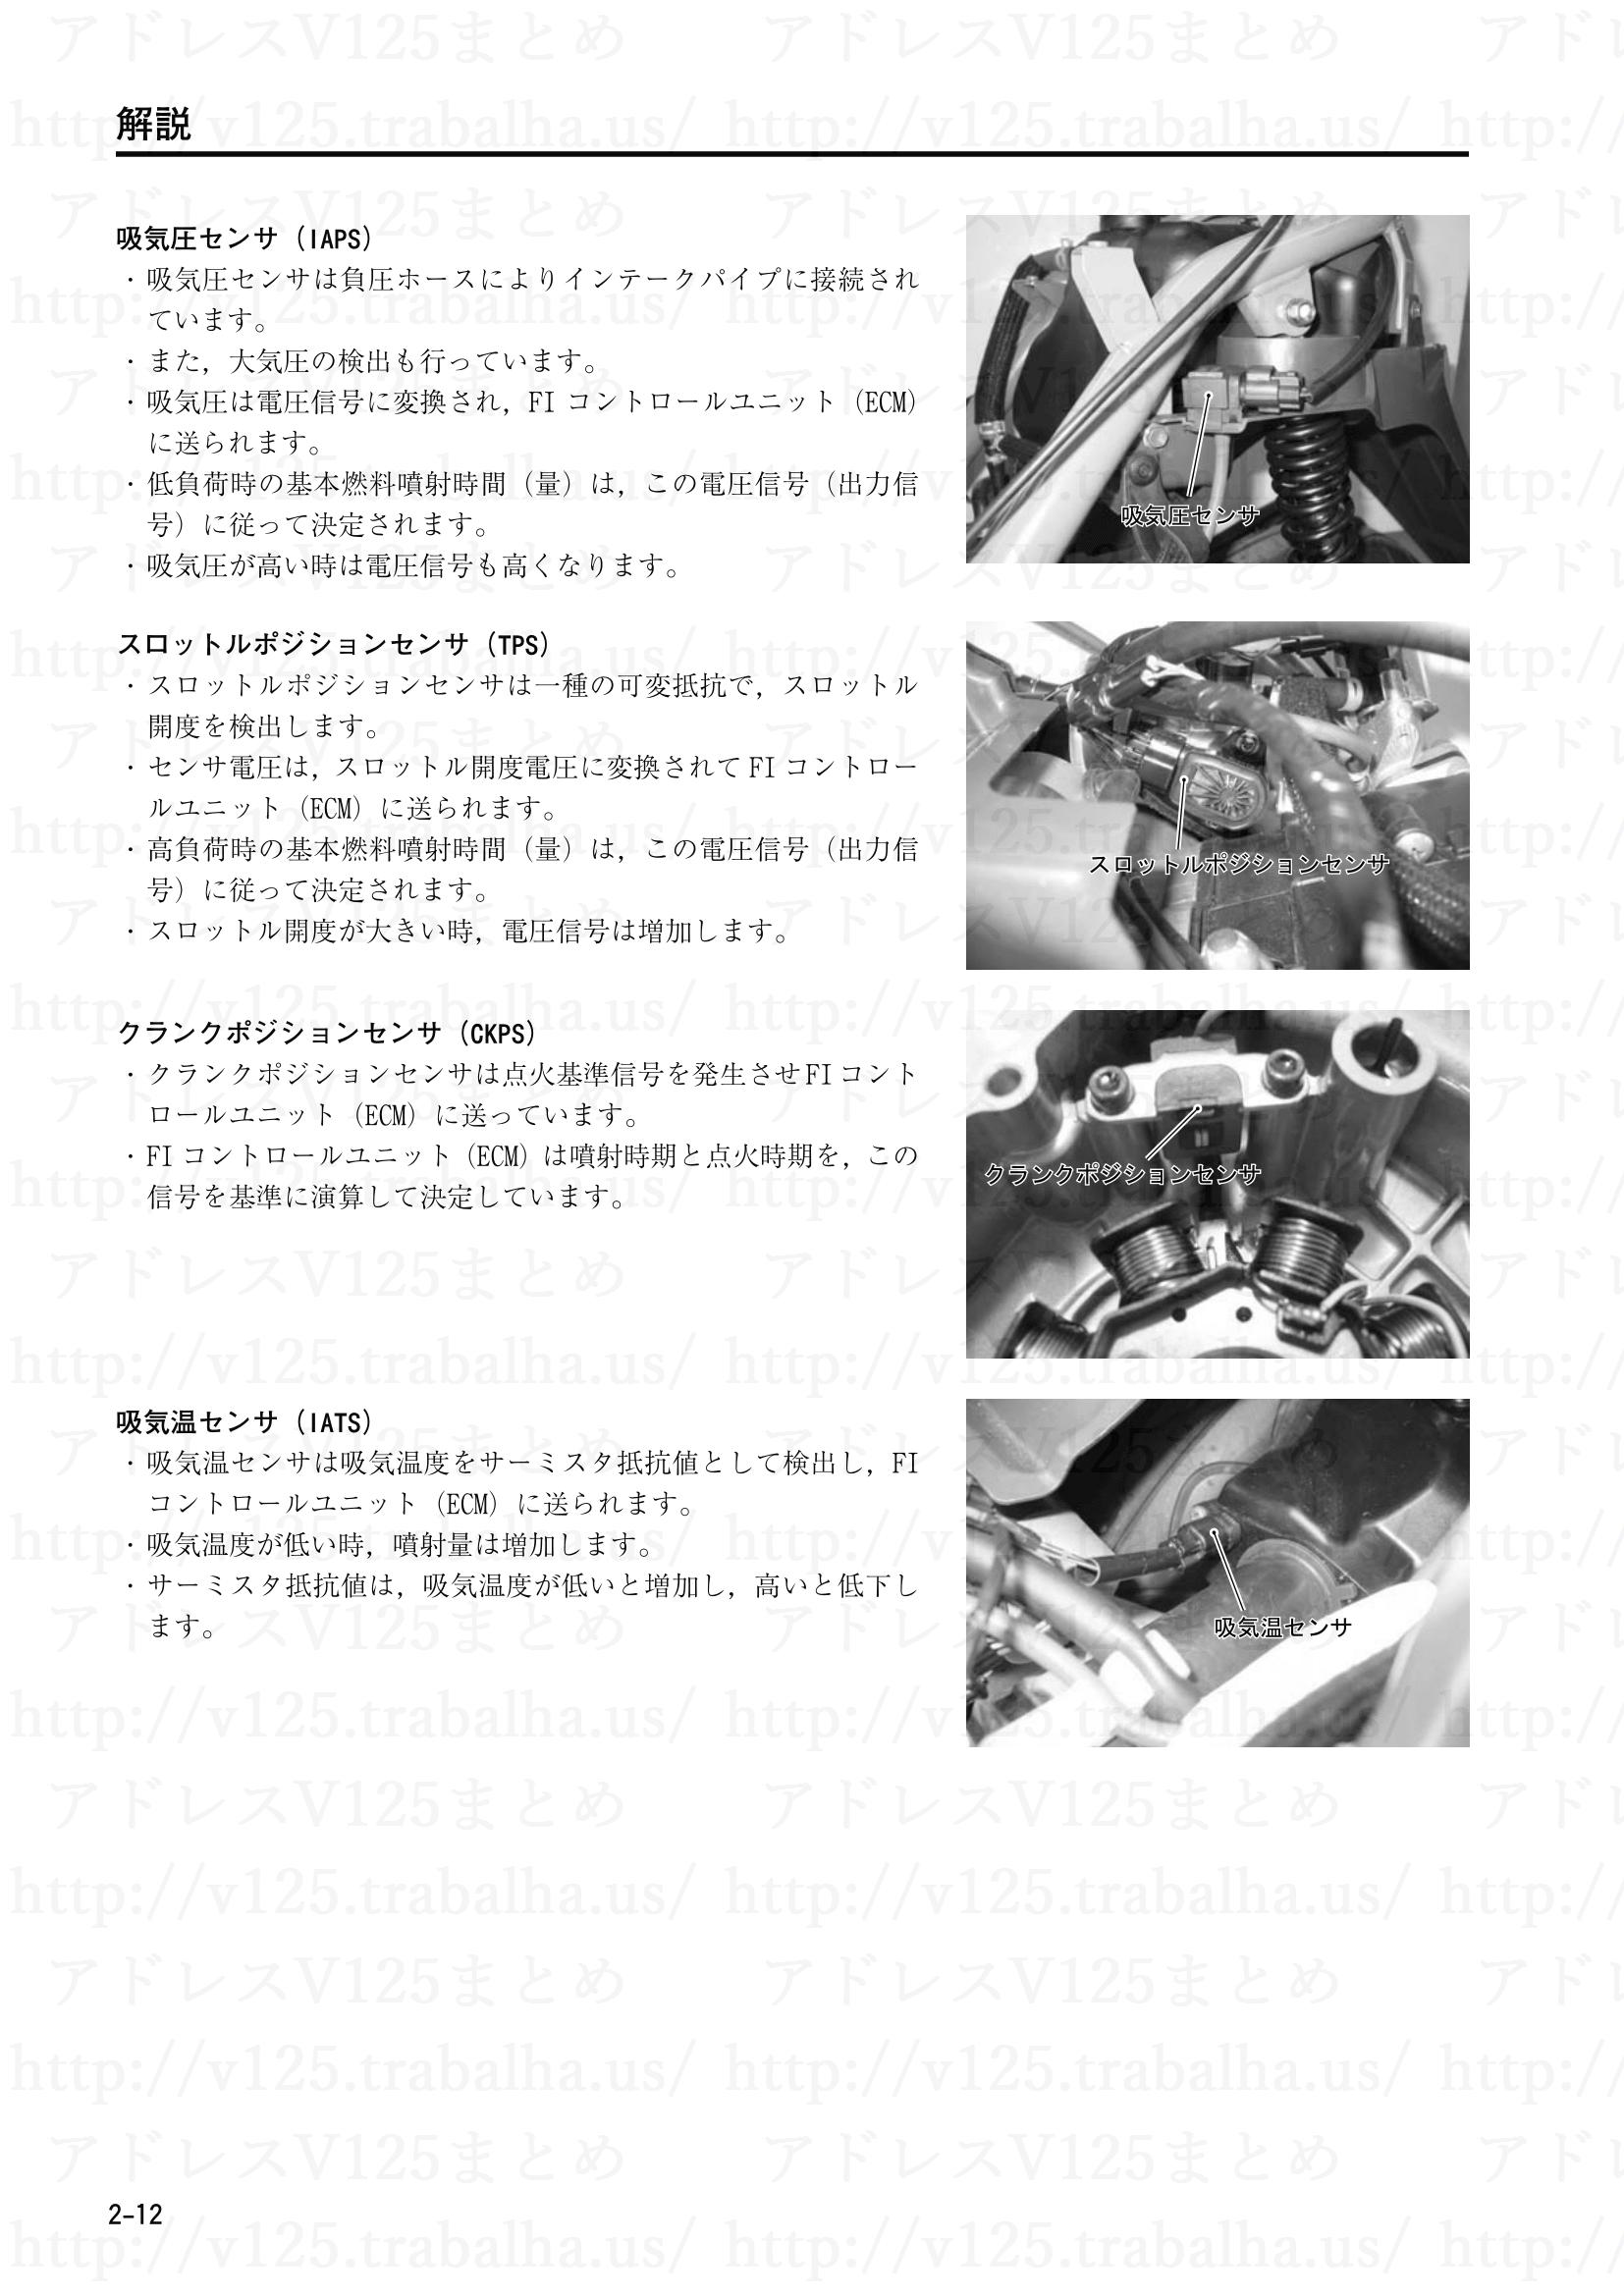 2-12【解説】センサ2